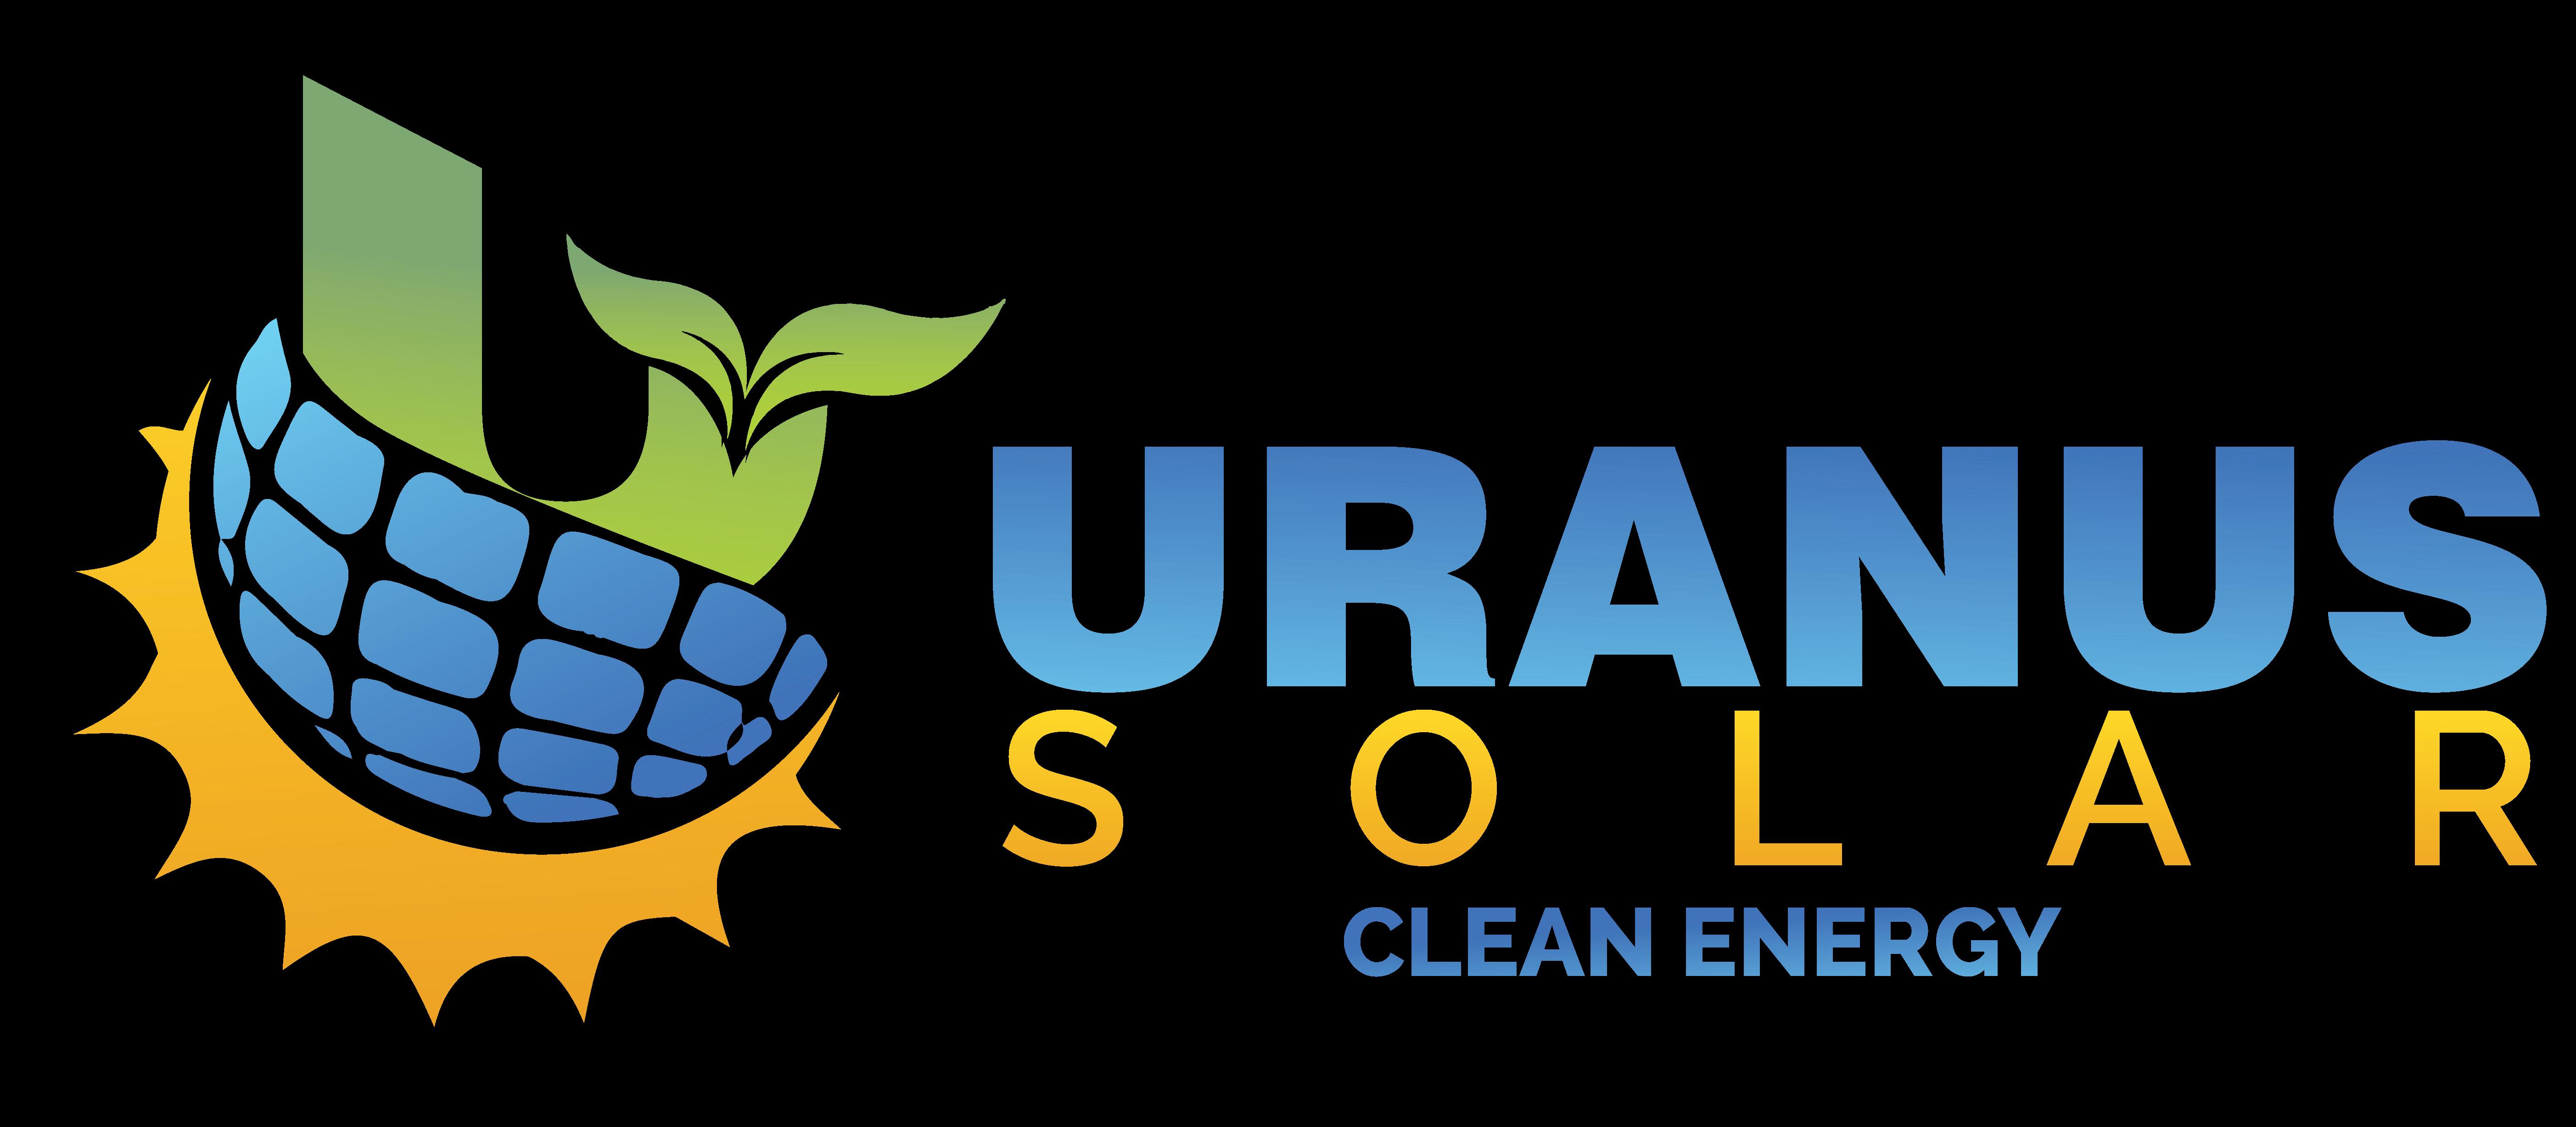 URANUS SOLAR, LDA - LOGO